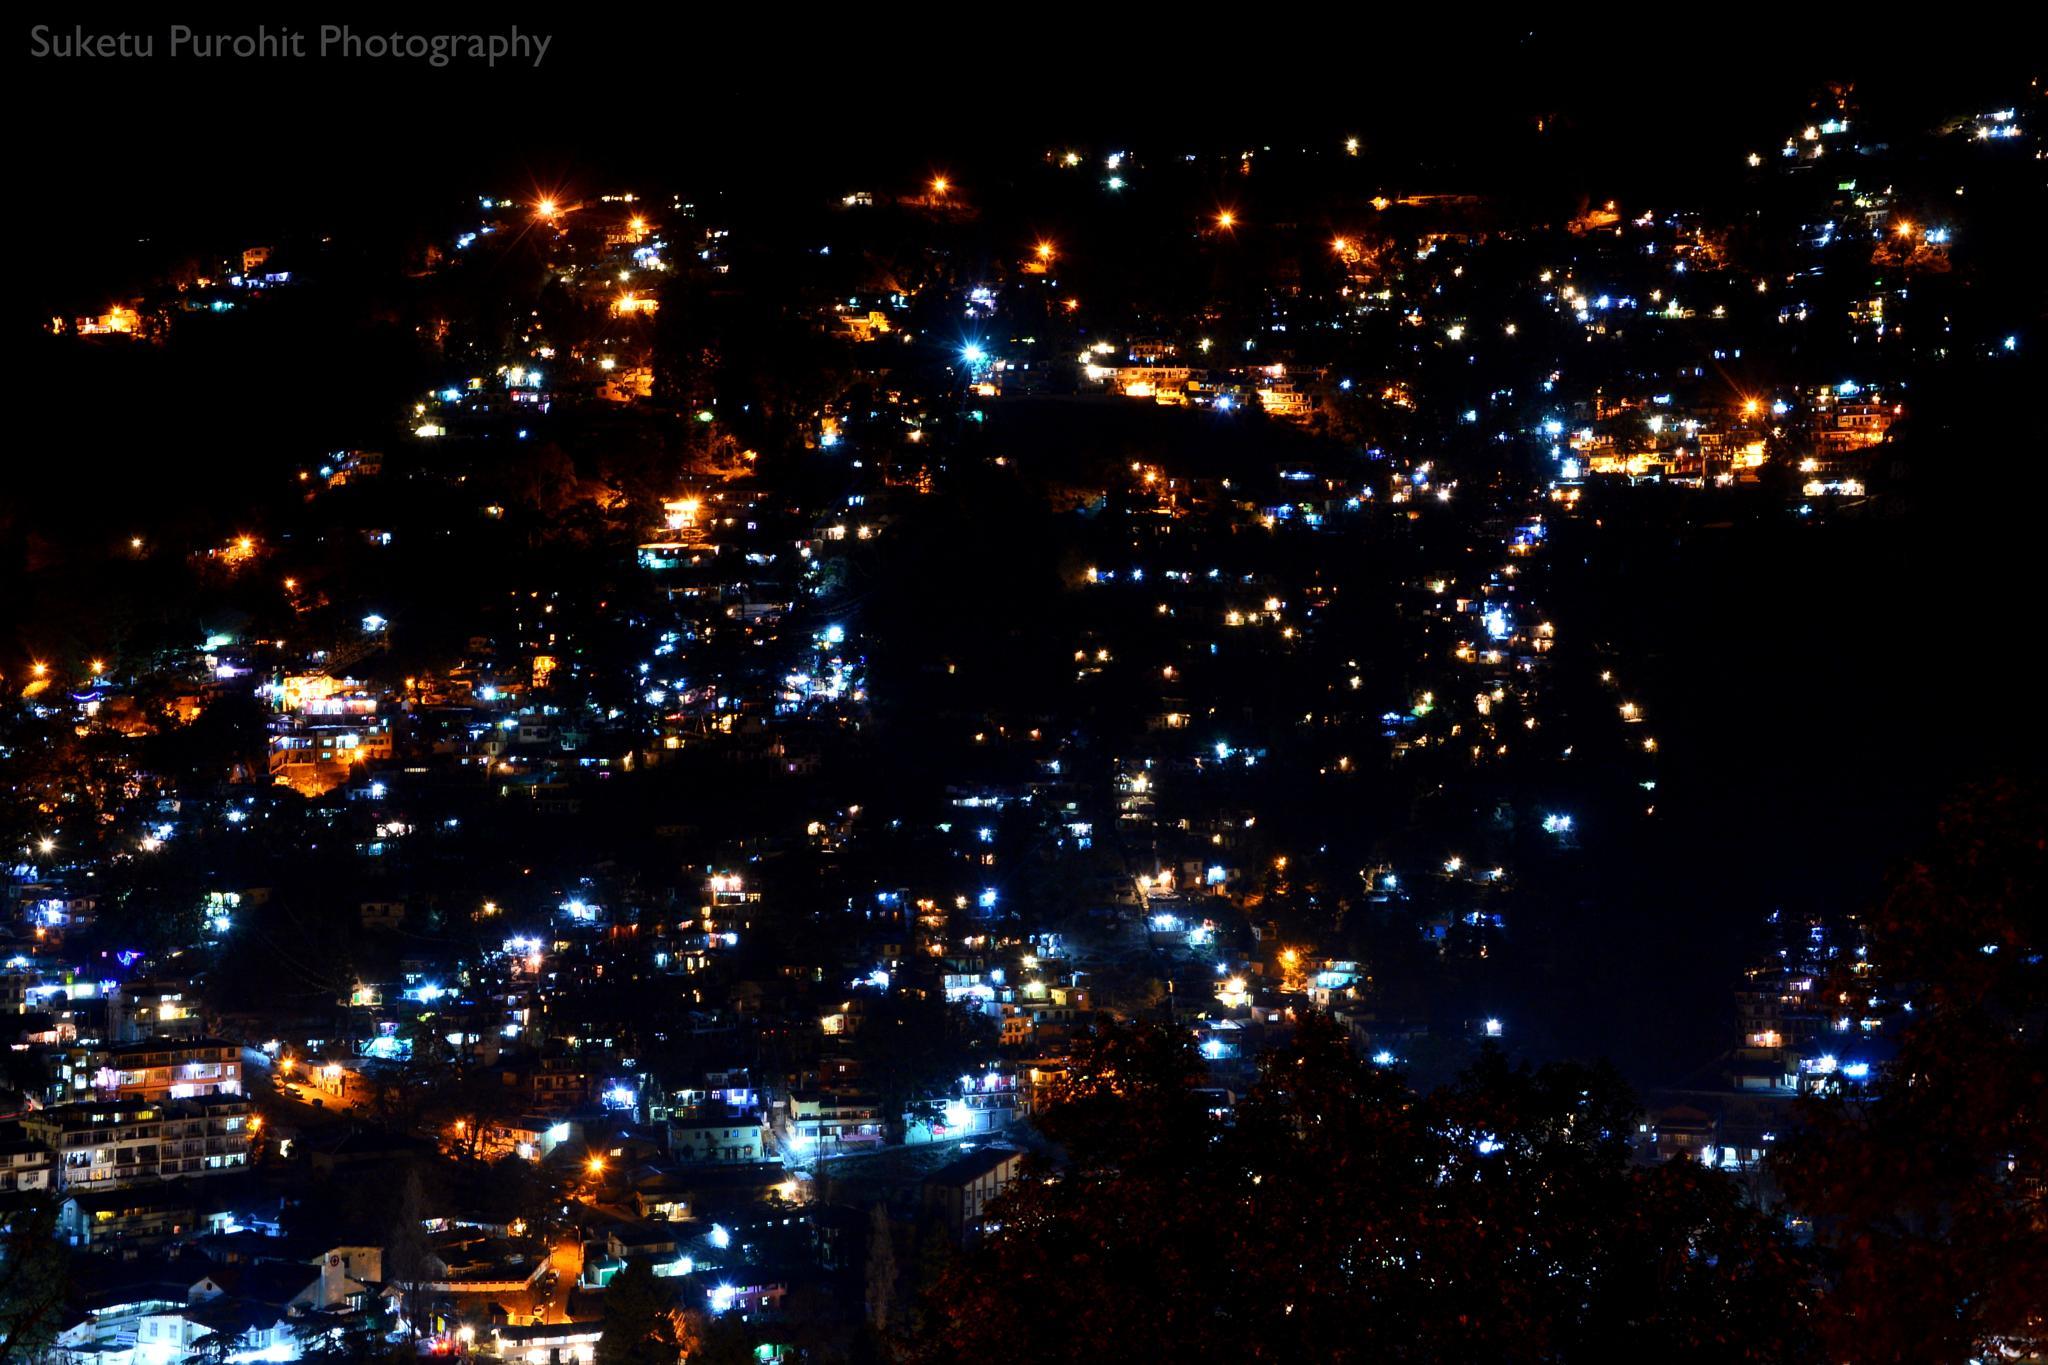 Glow by Suketu Purohit